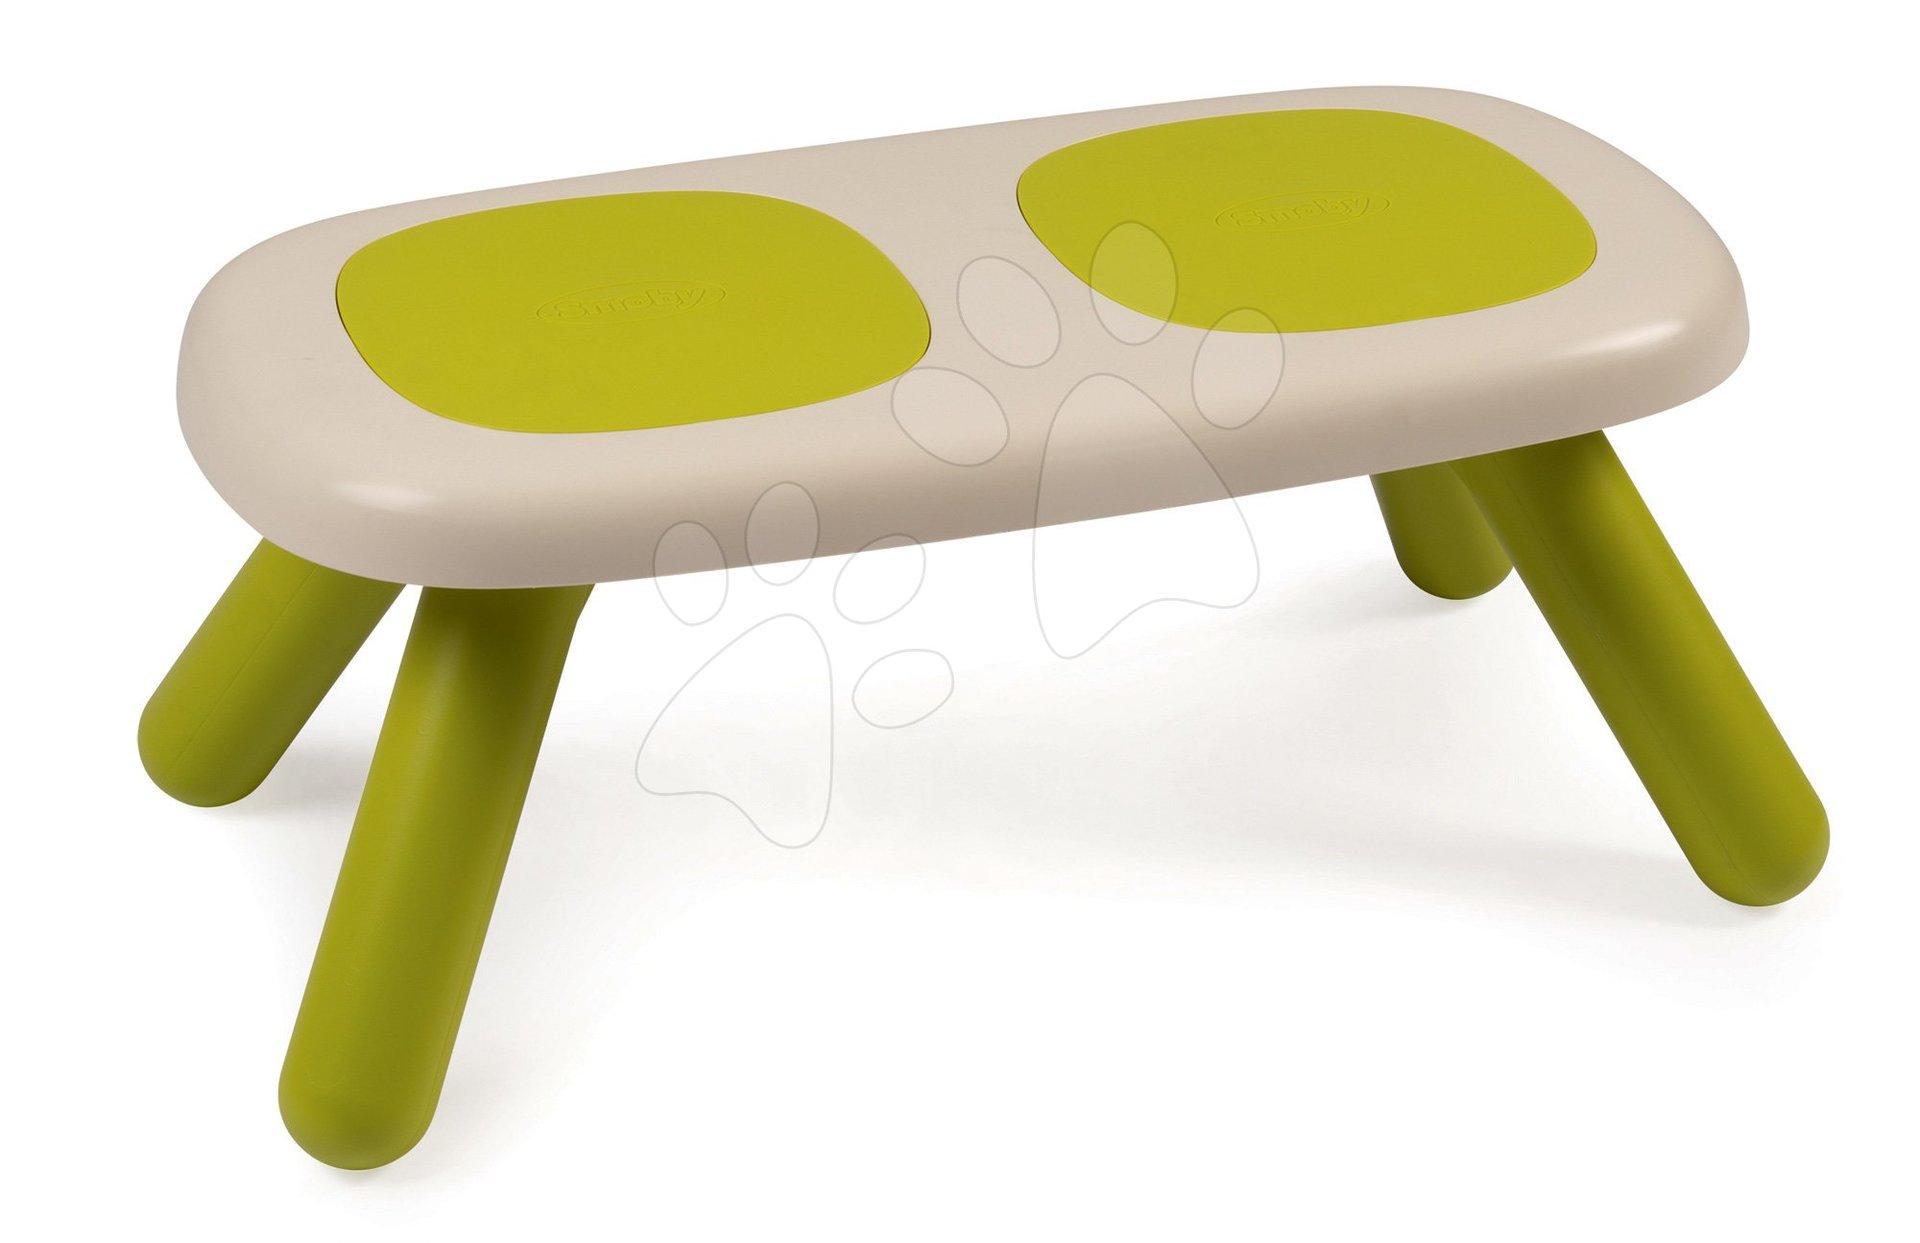 Lavice pro děti KidBench Smoby zelená s UV filtrem od 18 měsíců